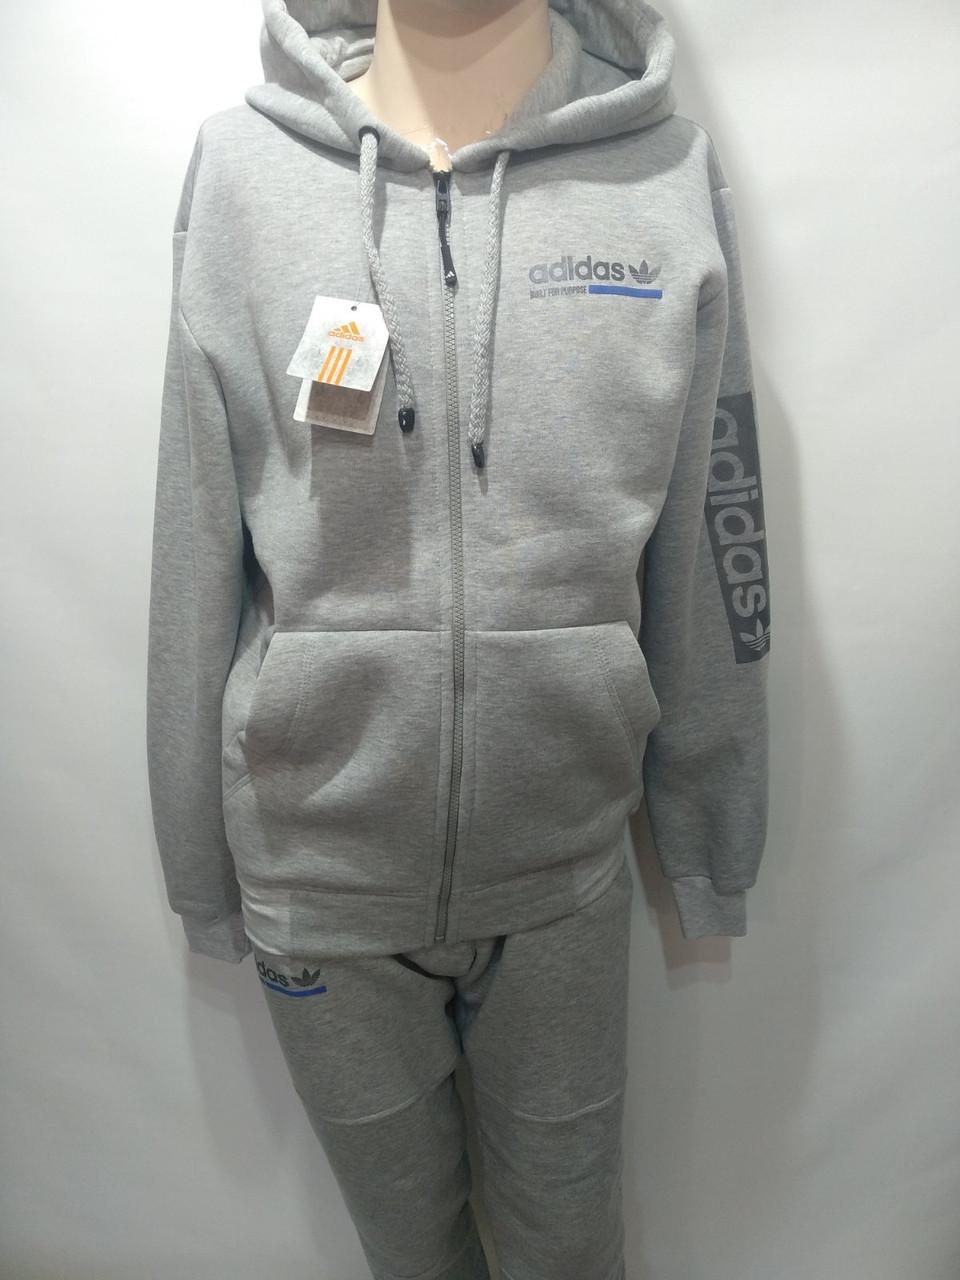 Мужской теплый спортивный костюм Adidas адидас светло серый